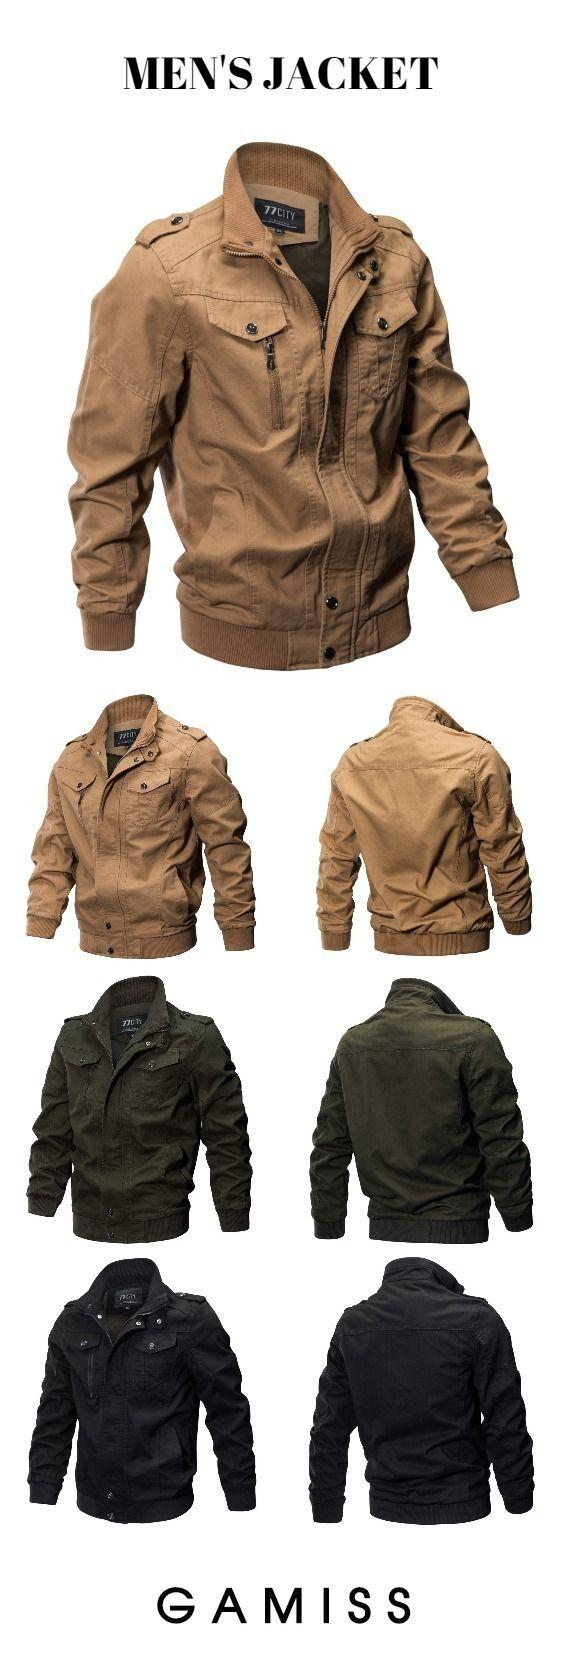 New Large Size Coat Washed Cotton Jacket #Gamiss